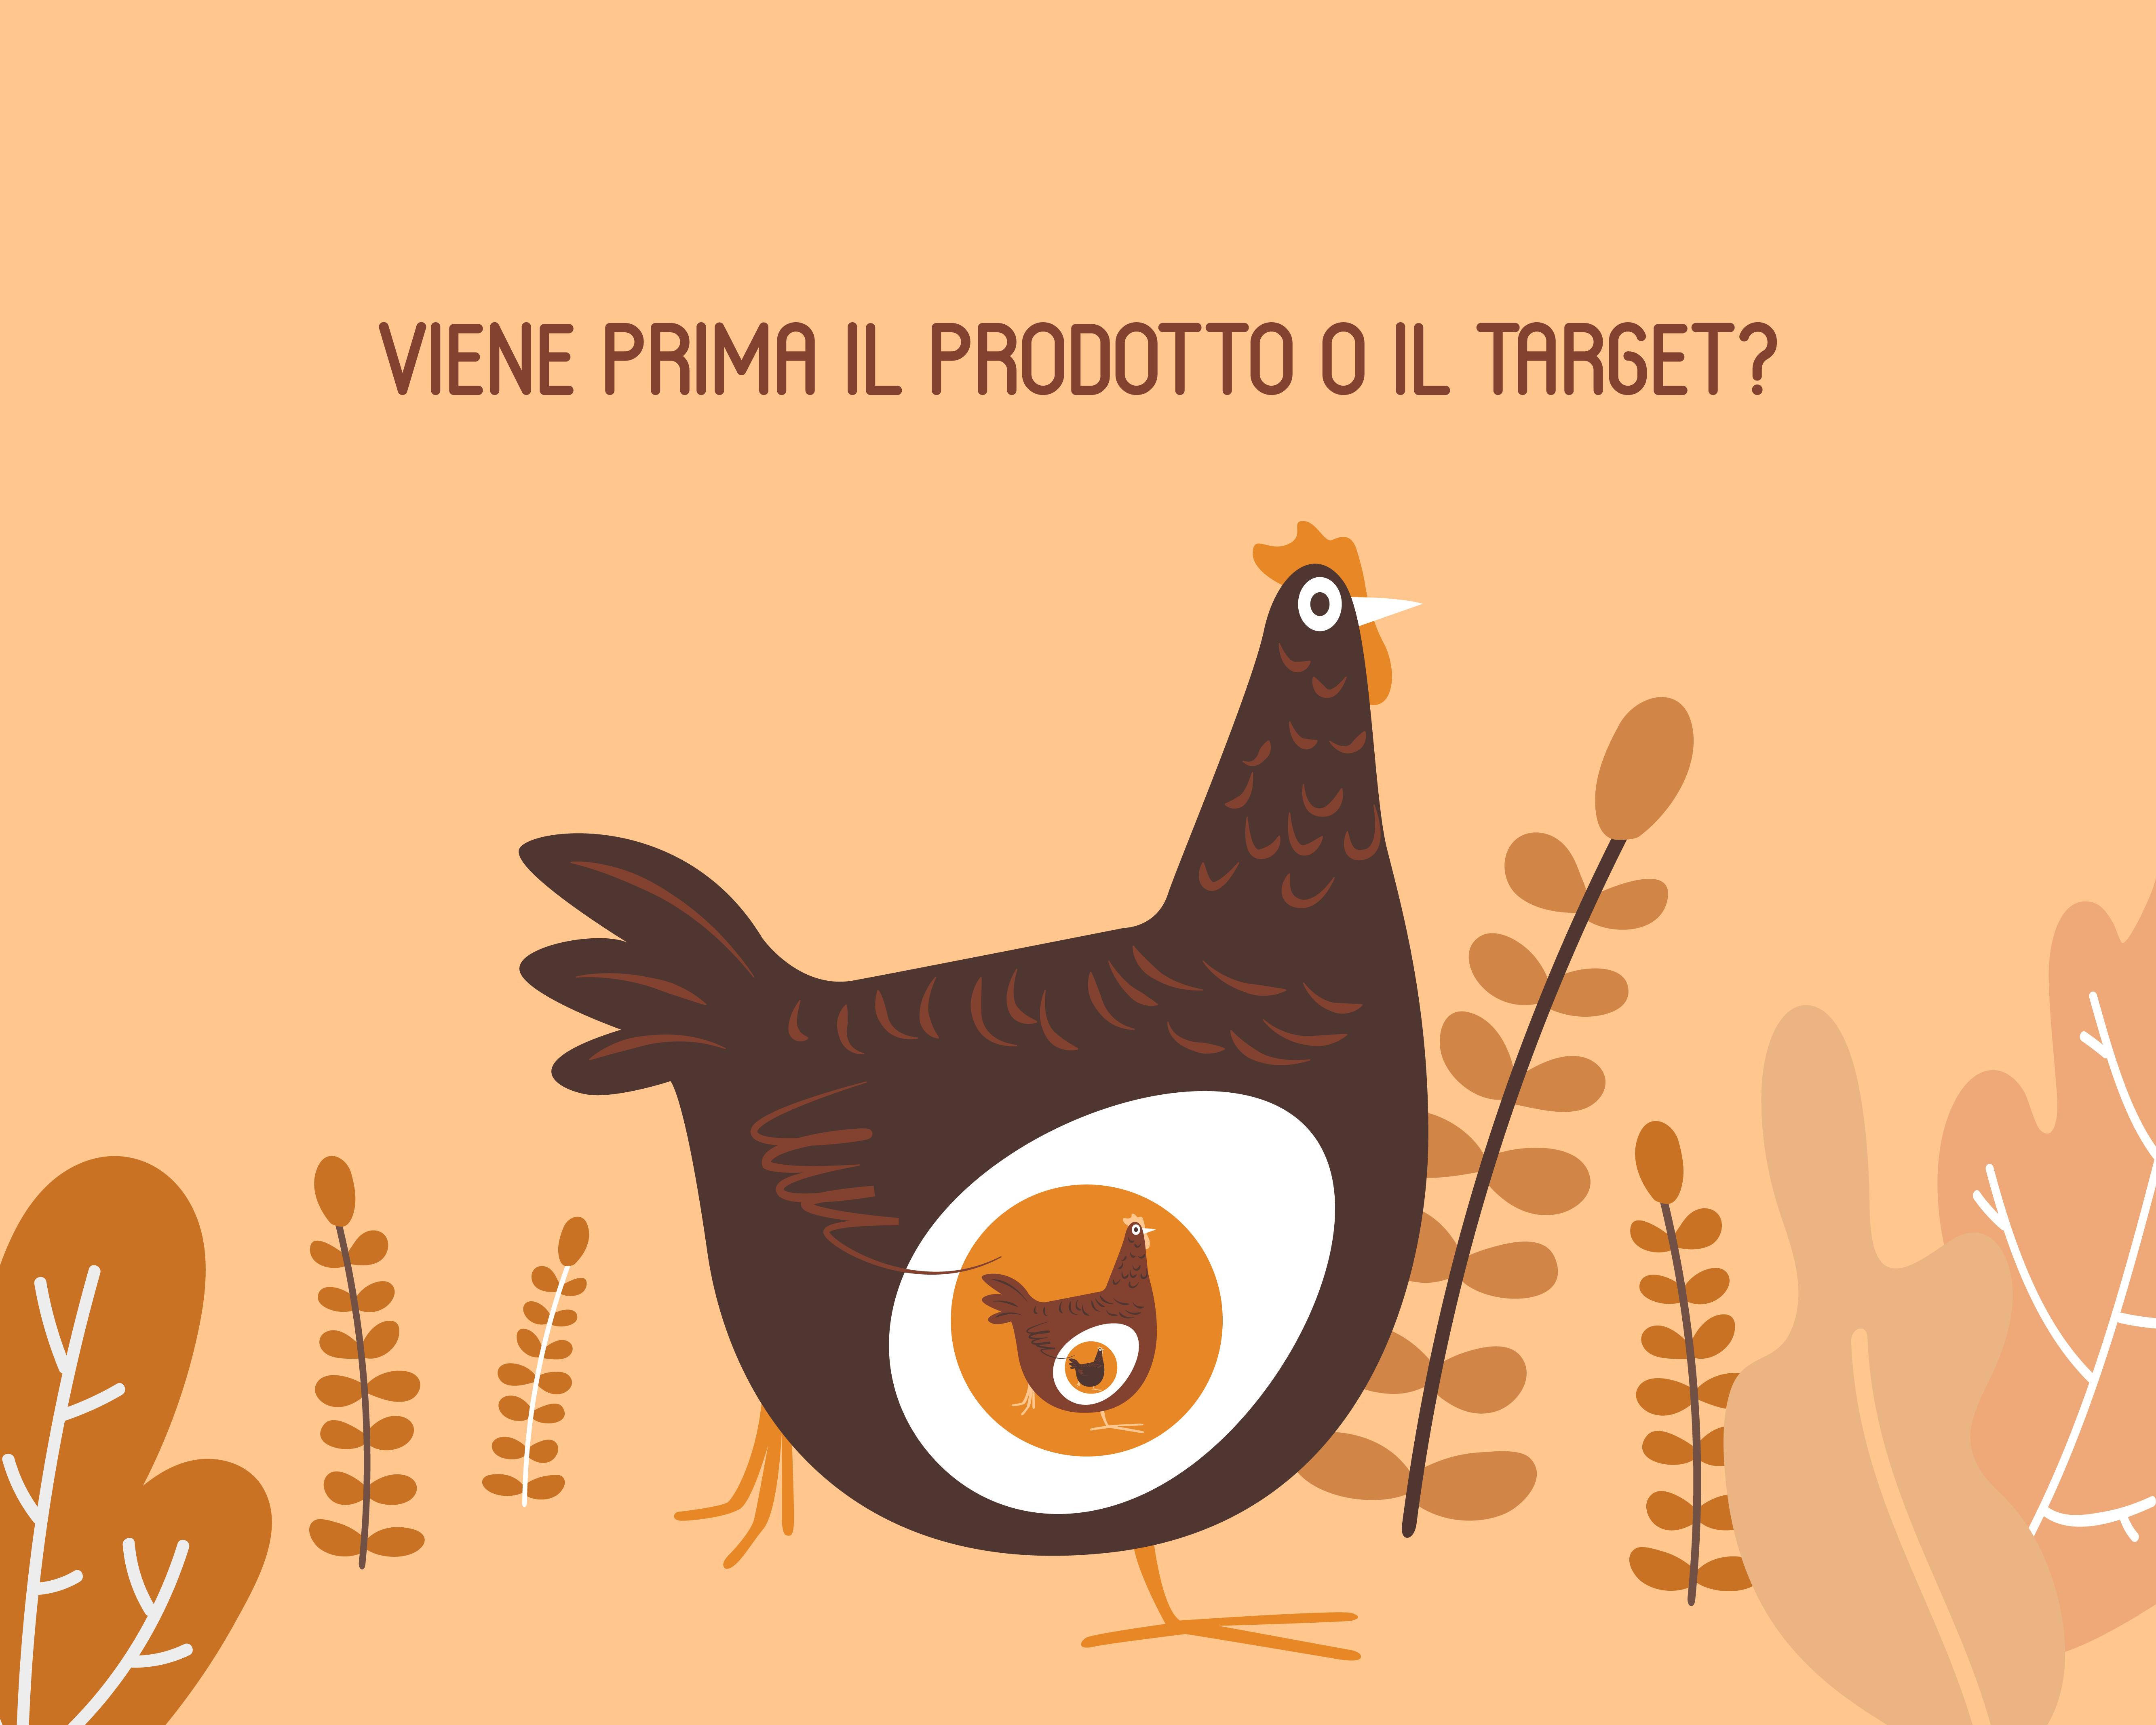 Viene prima il prodotto o il target?